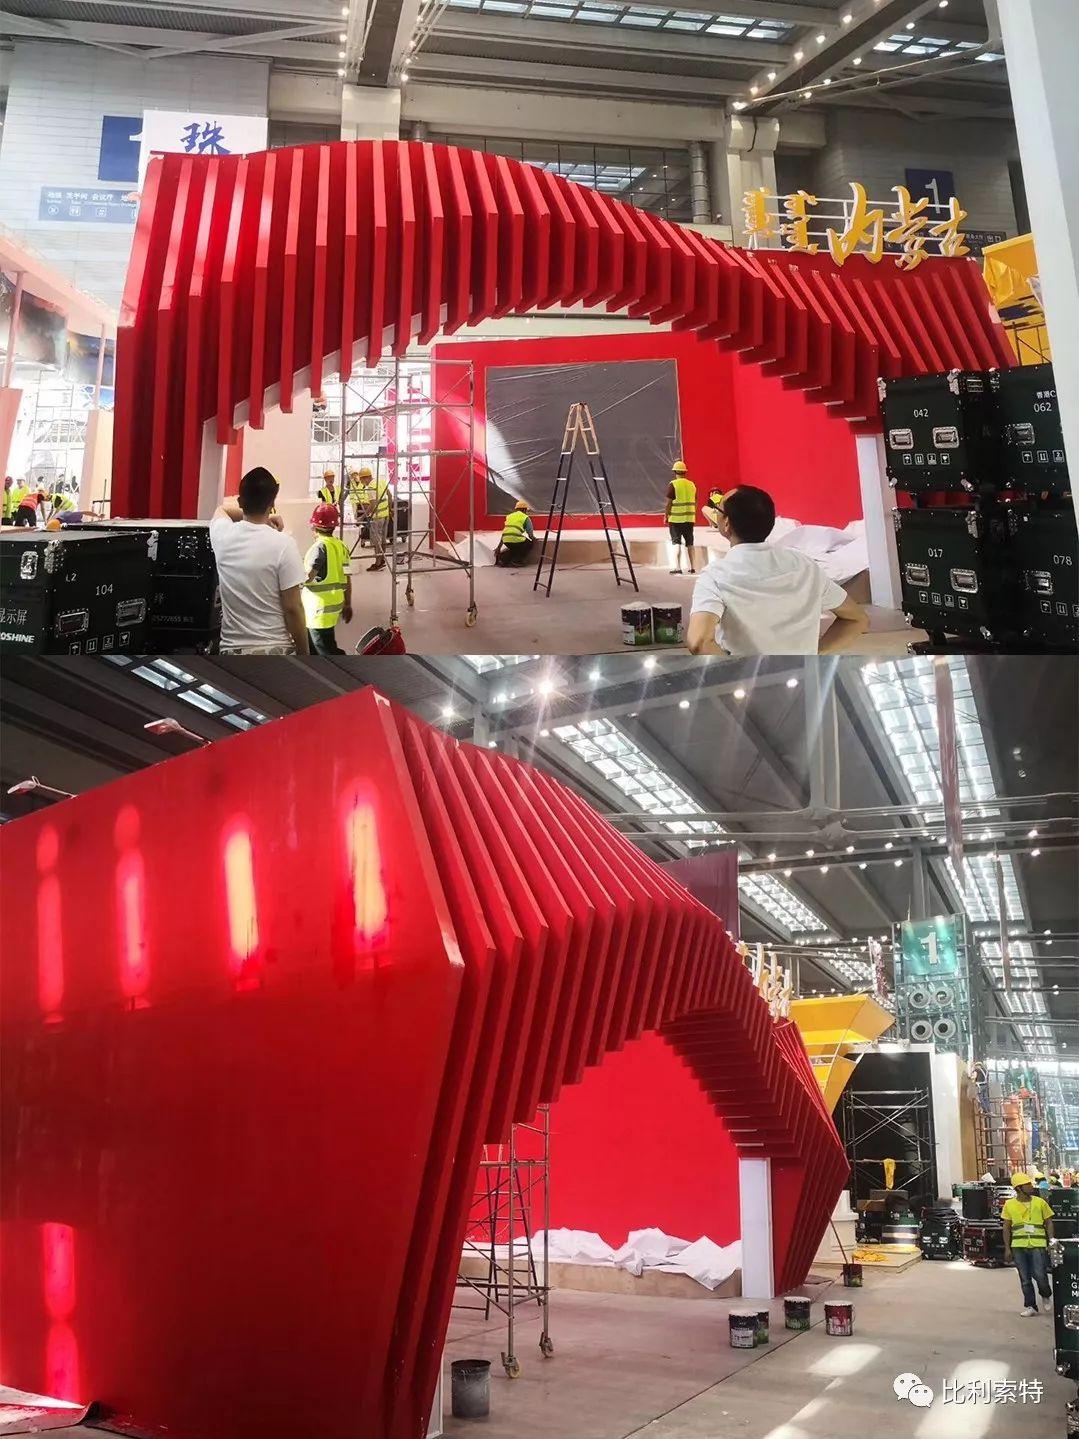 这几个草原汉子在深圳文博会干嘛?????? 第7张